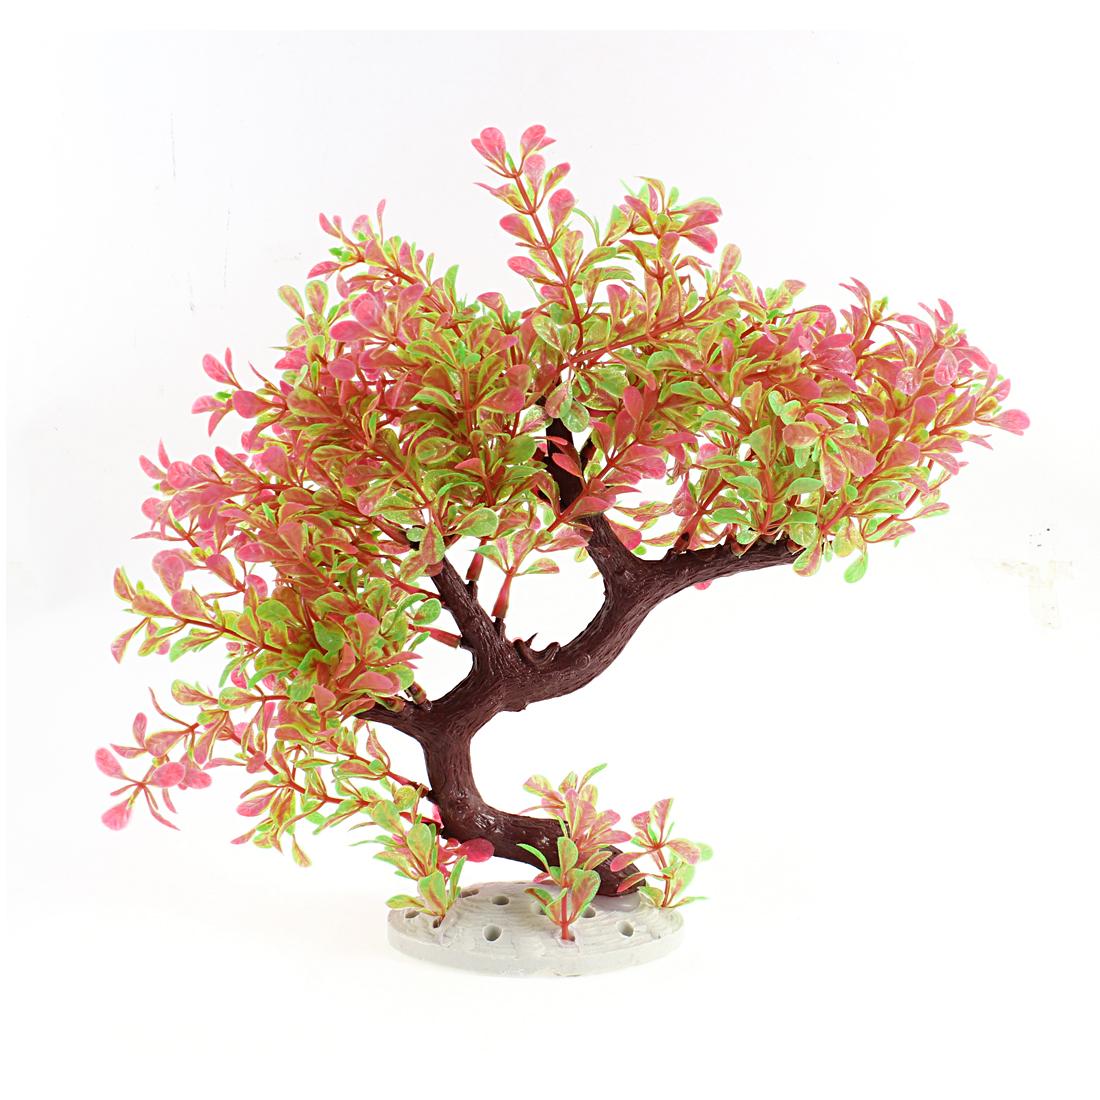 Plastic Colorful Style Artificial Aquarium Decoration Plant Ornament